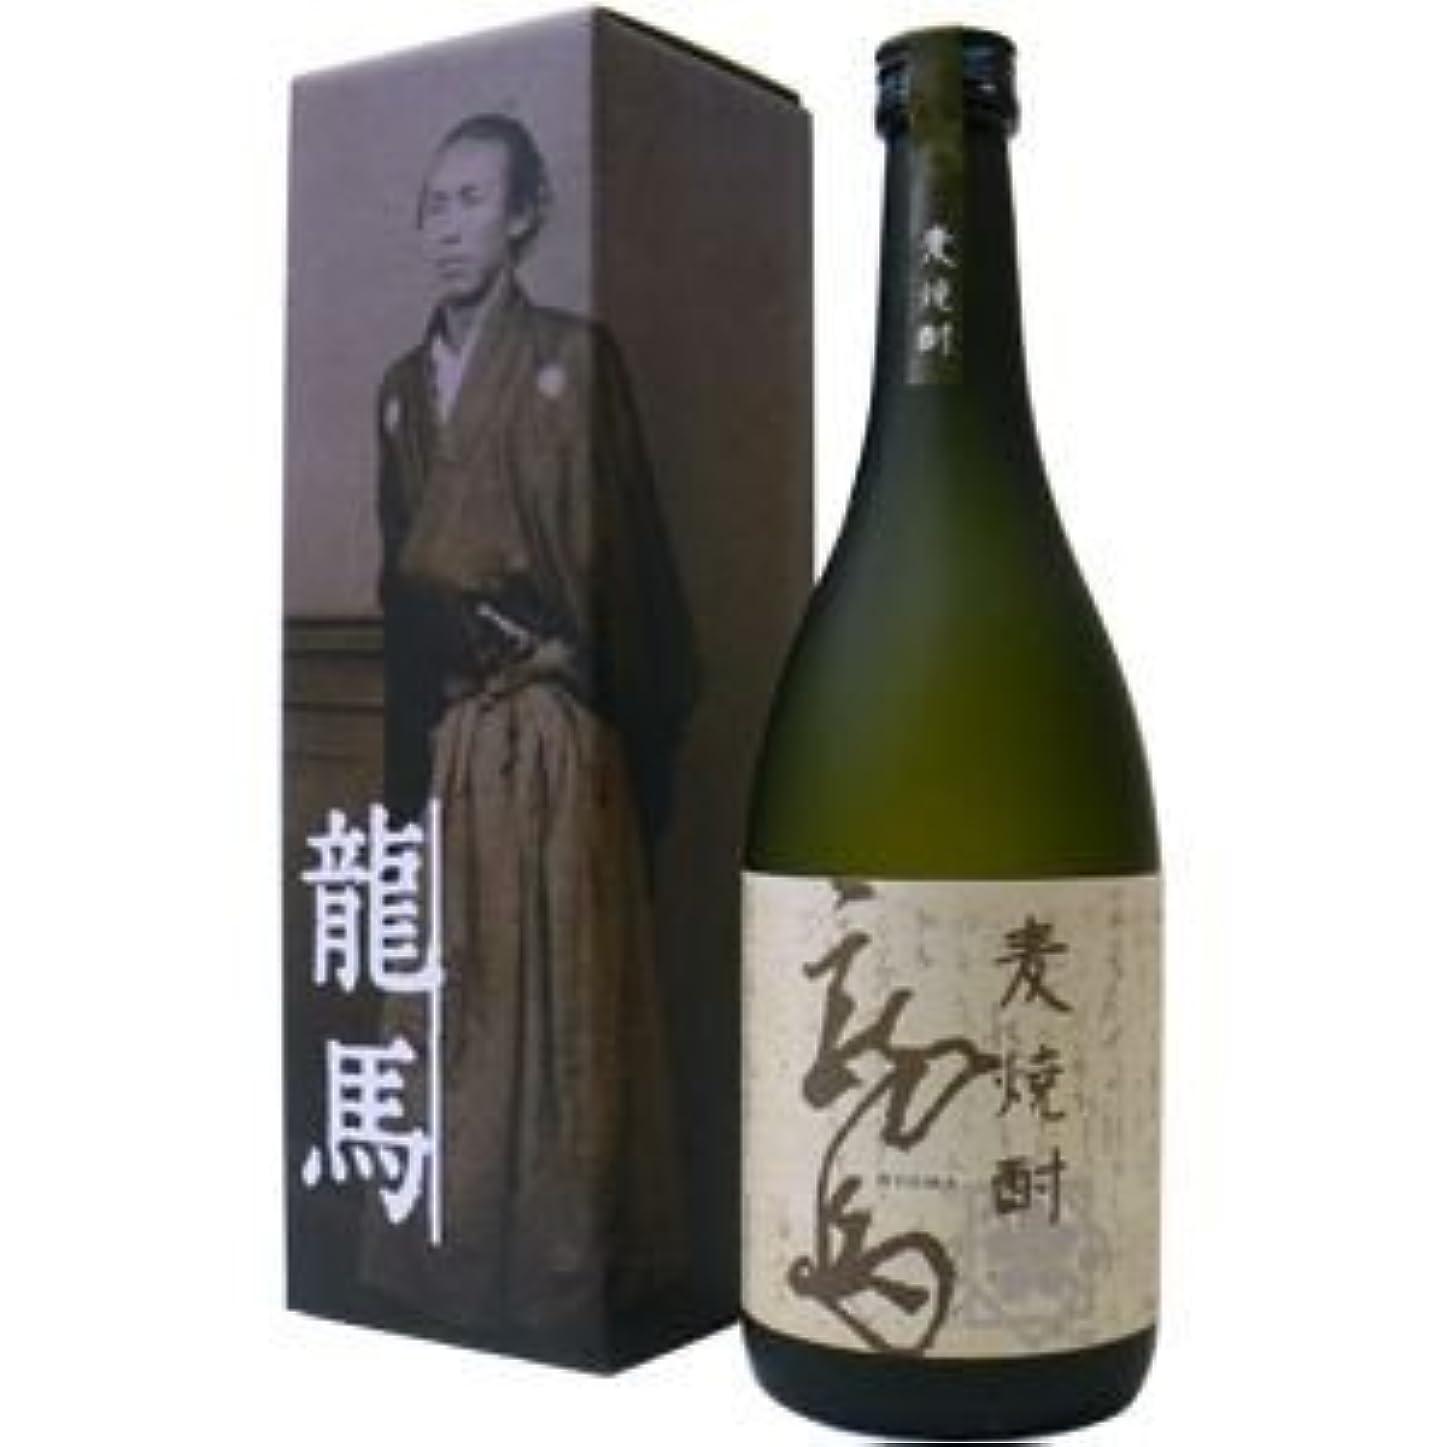 バンジョーシルエットすずめ菊水酒造 麦(むぎ)焼酎 龍馬 ギフト箱入 25度 720ML